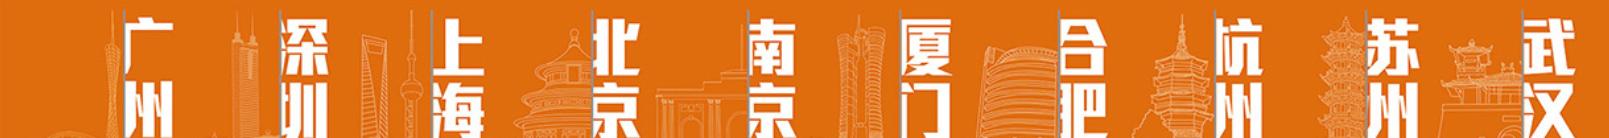 _公司企业网站建设官网响应式营销型网站定制开发制作设计商城手机5